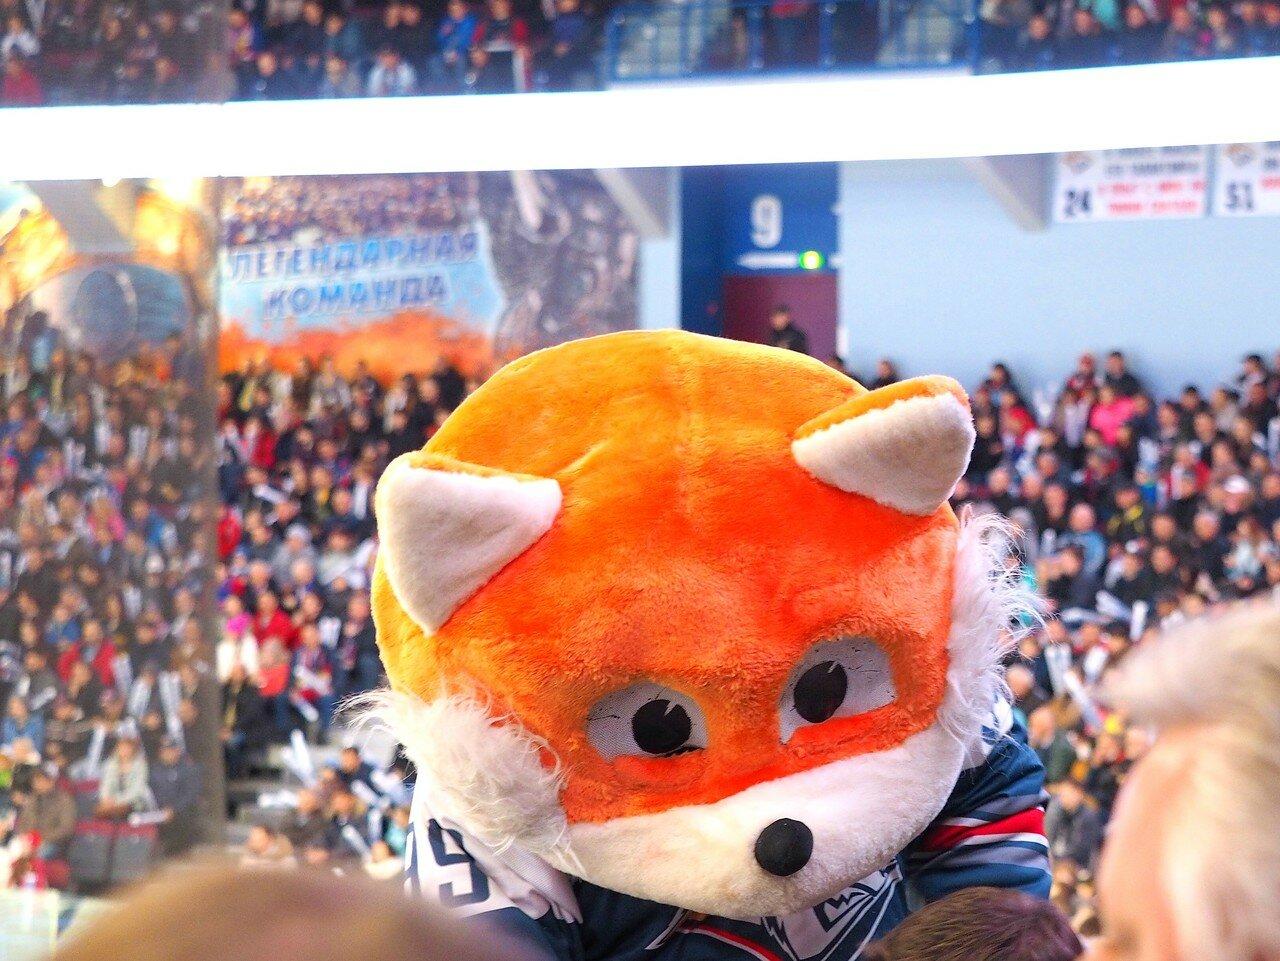 48 Первая игра финала плей-офф восточной конференции 2017 Металлург - АкБарс 24.03.2017